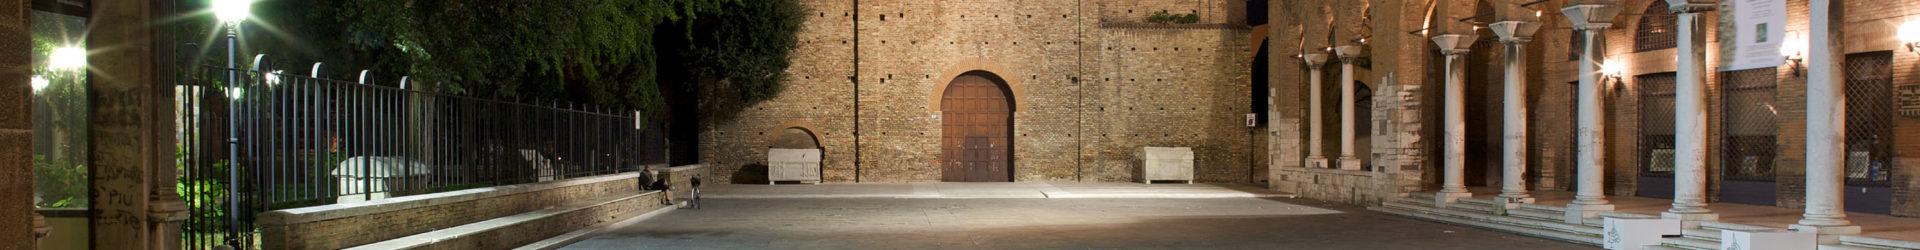 Controllo di gestione – Reggio Emilia – 2018 / 2019